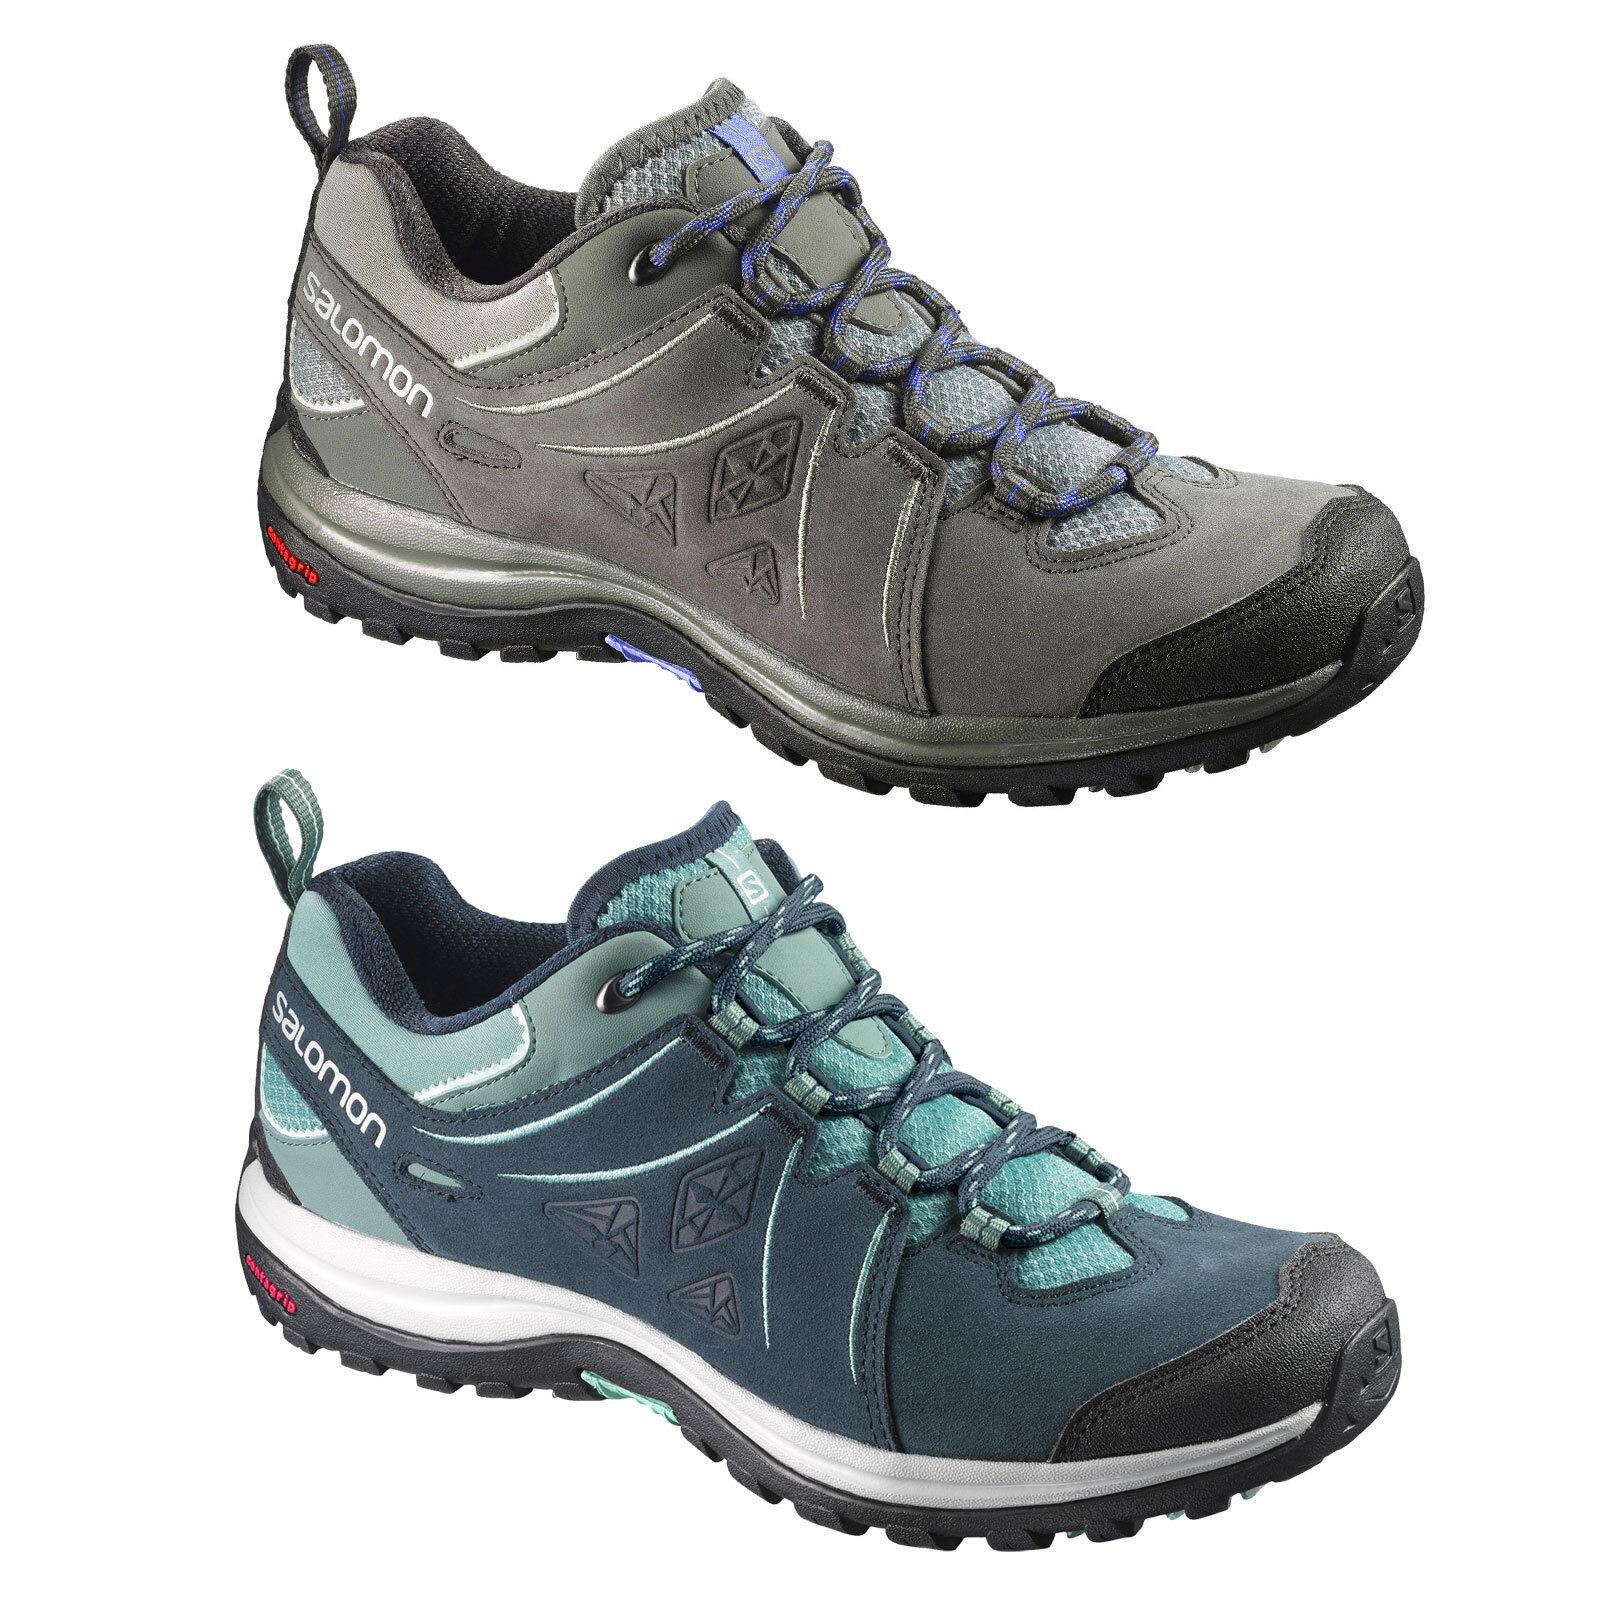 Salomon Ellipse 2 LTR Damen Wanderschuhe Laufschuhe Schuhe atmungsaktiv NEU